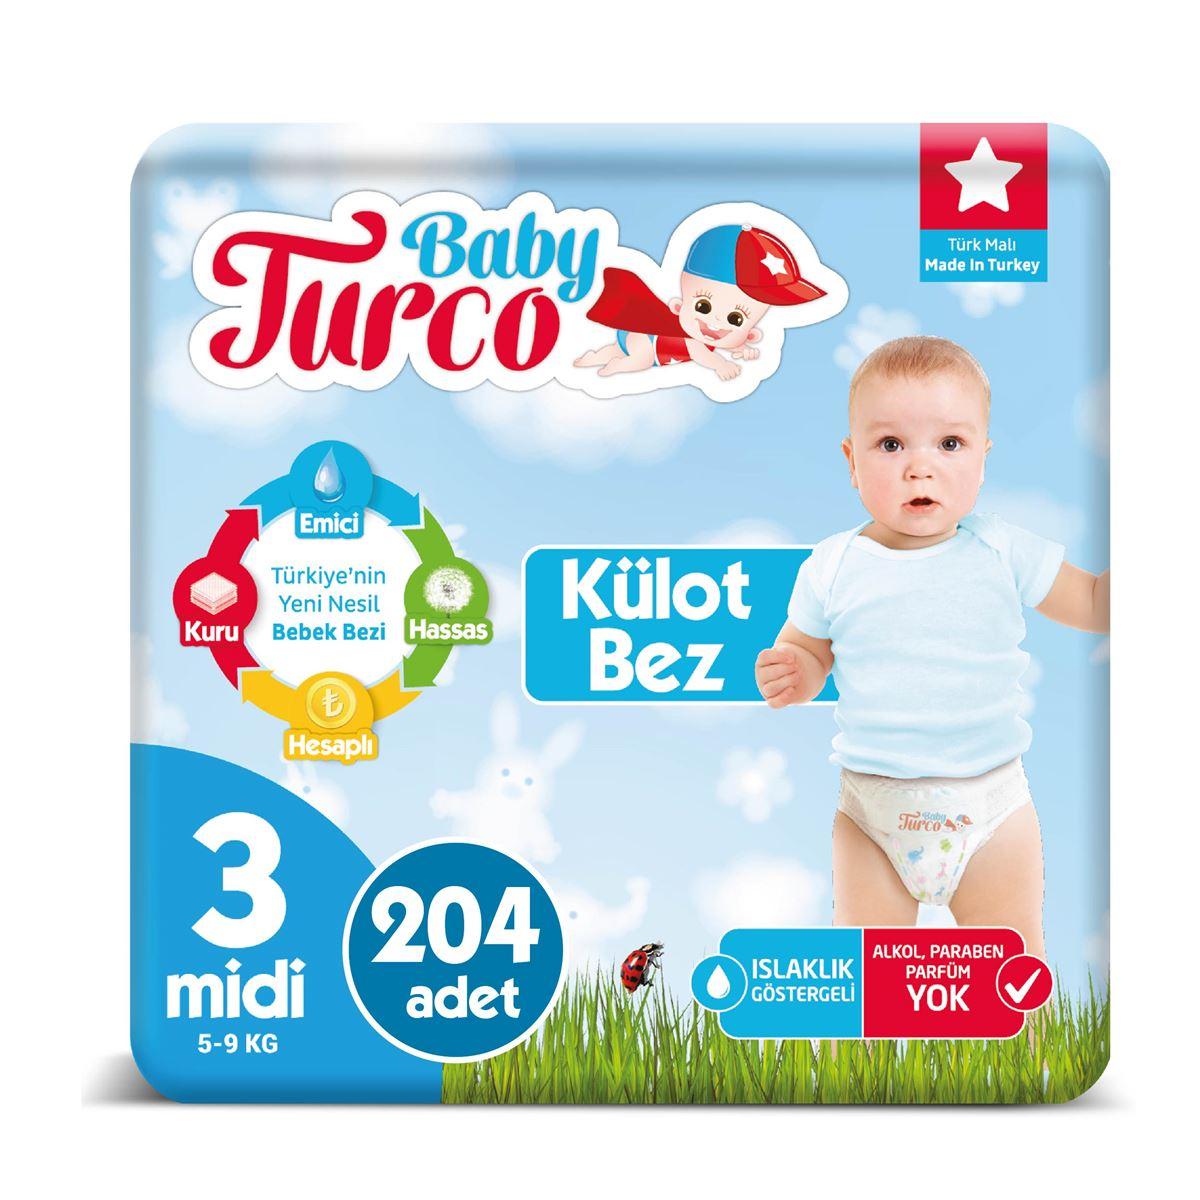 Baby Turco Külot Bez 3 Numara Midi 204 Adet